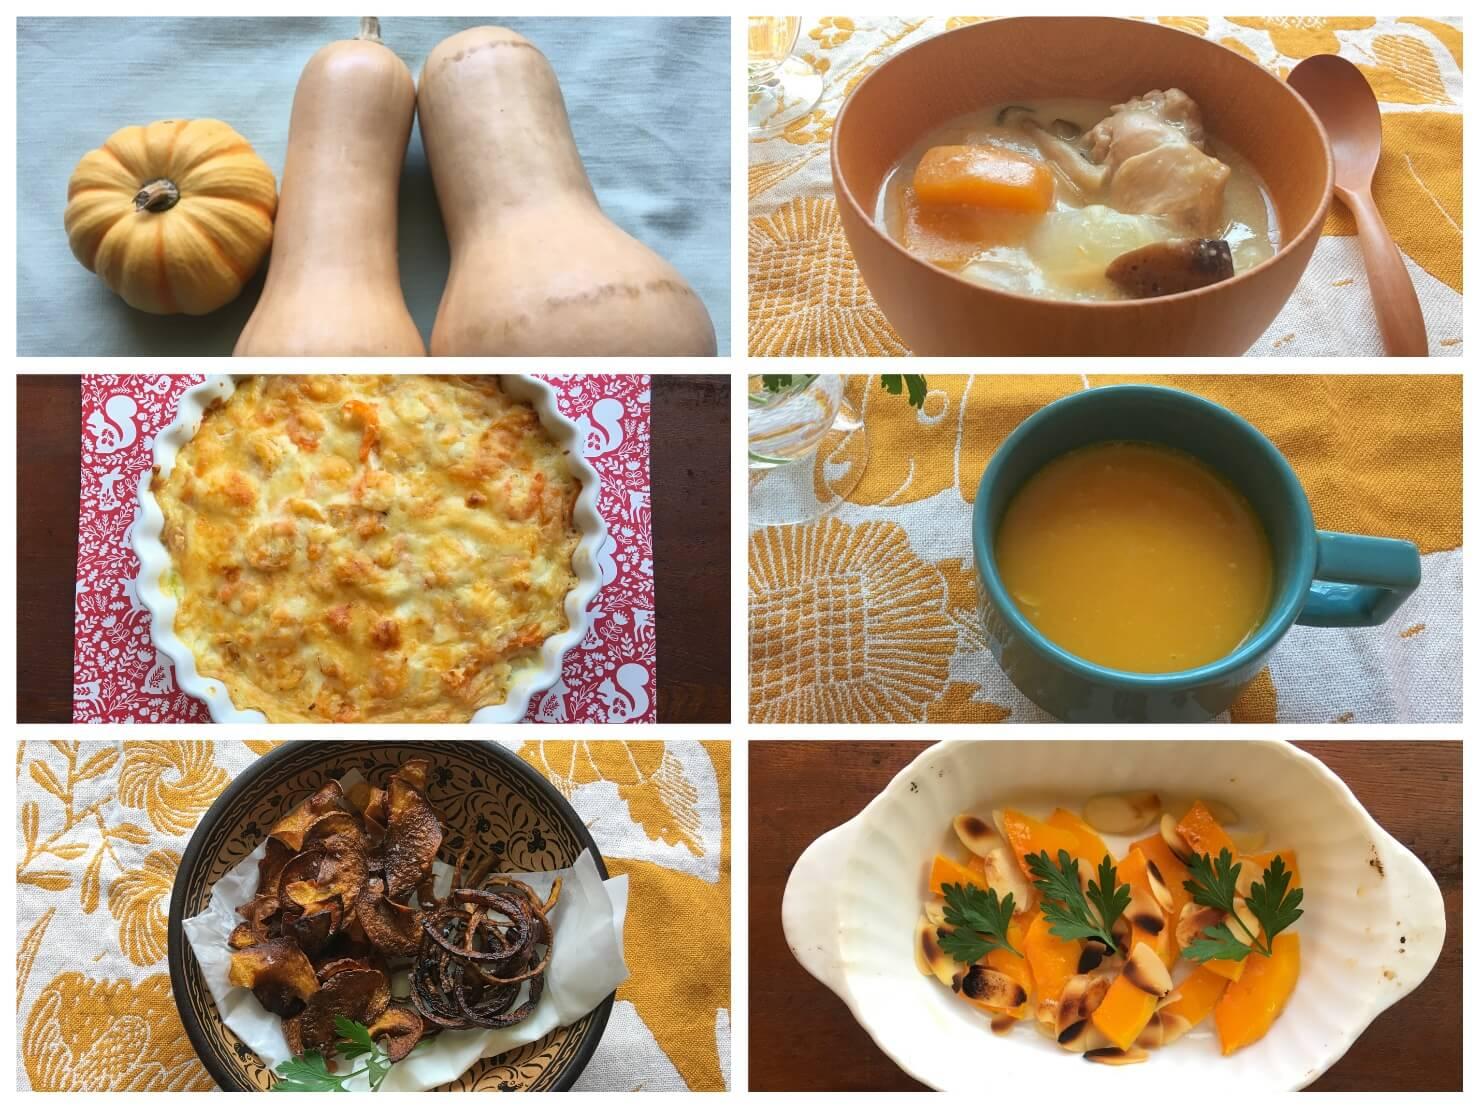 バターナッツかぼちゃを加熱した料理の写真のコラージュ